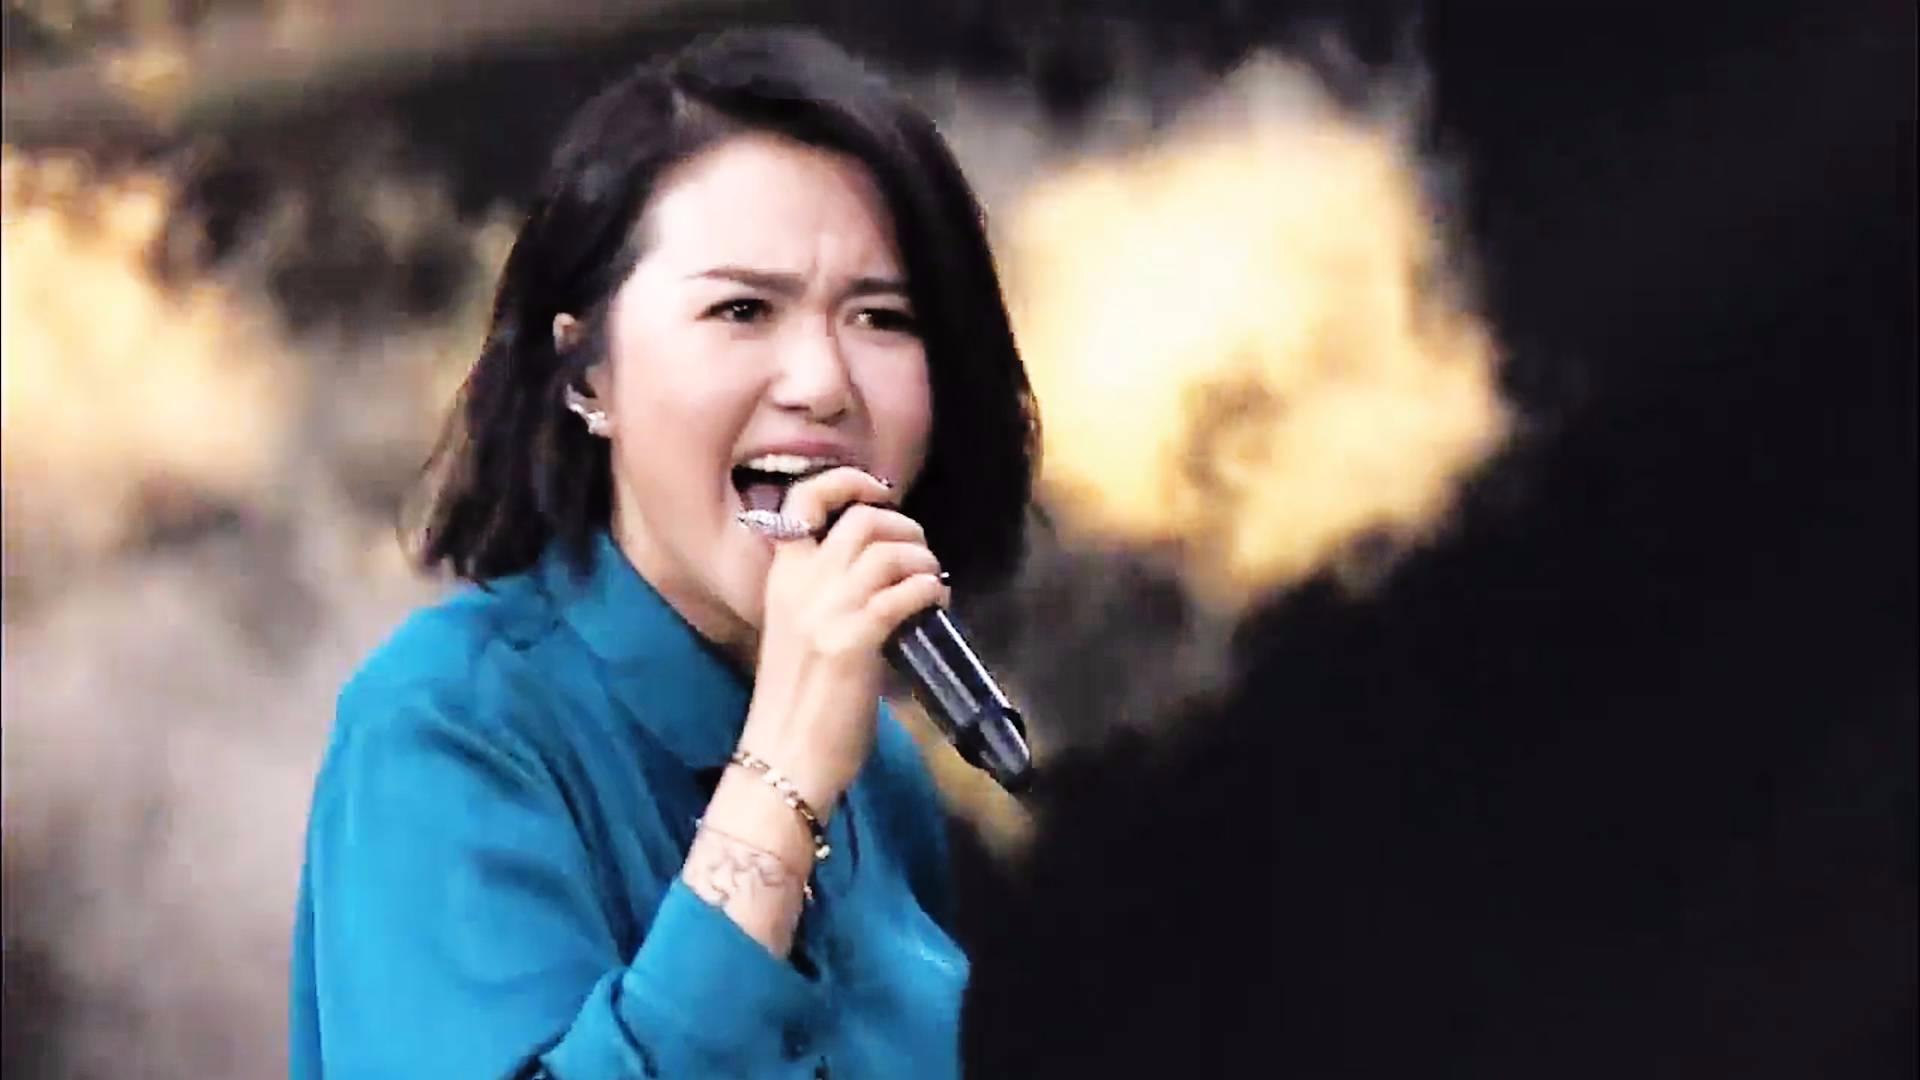 中韩歌会上砸场子的中国歌手,谭维维怒音嗨翻全场,太霸气了